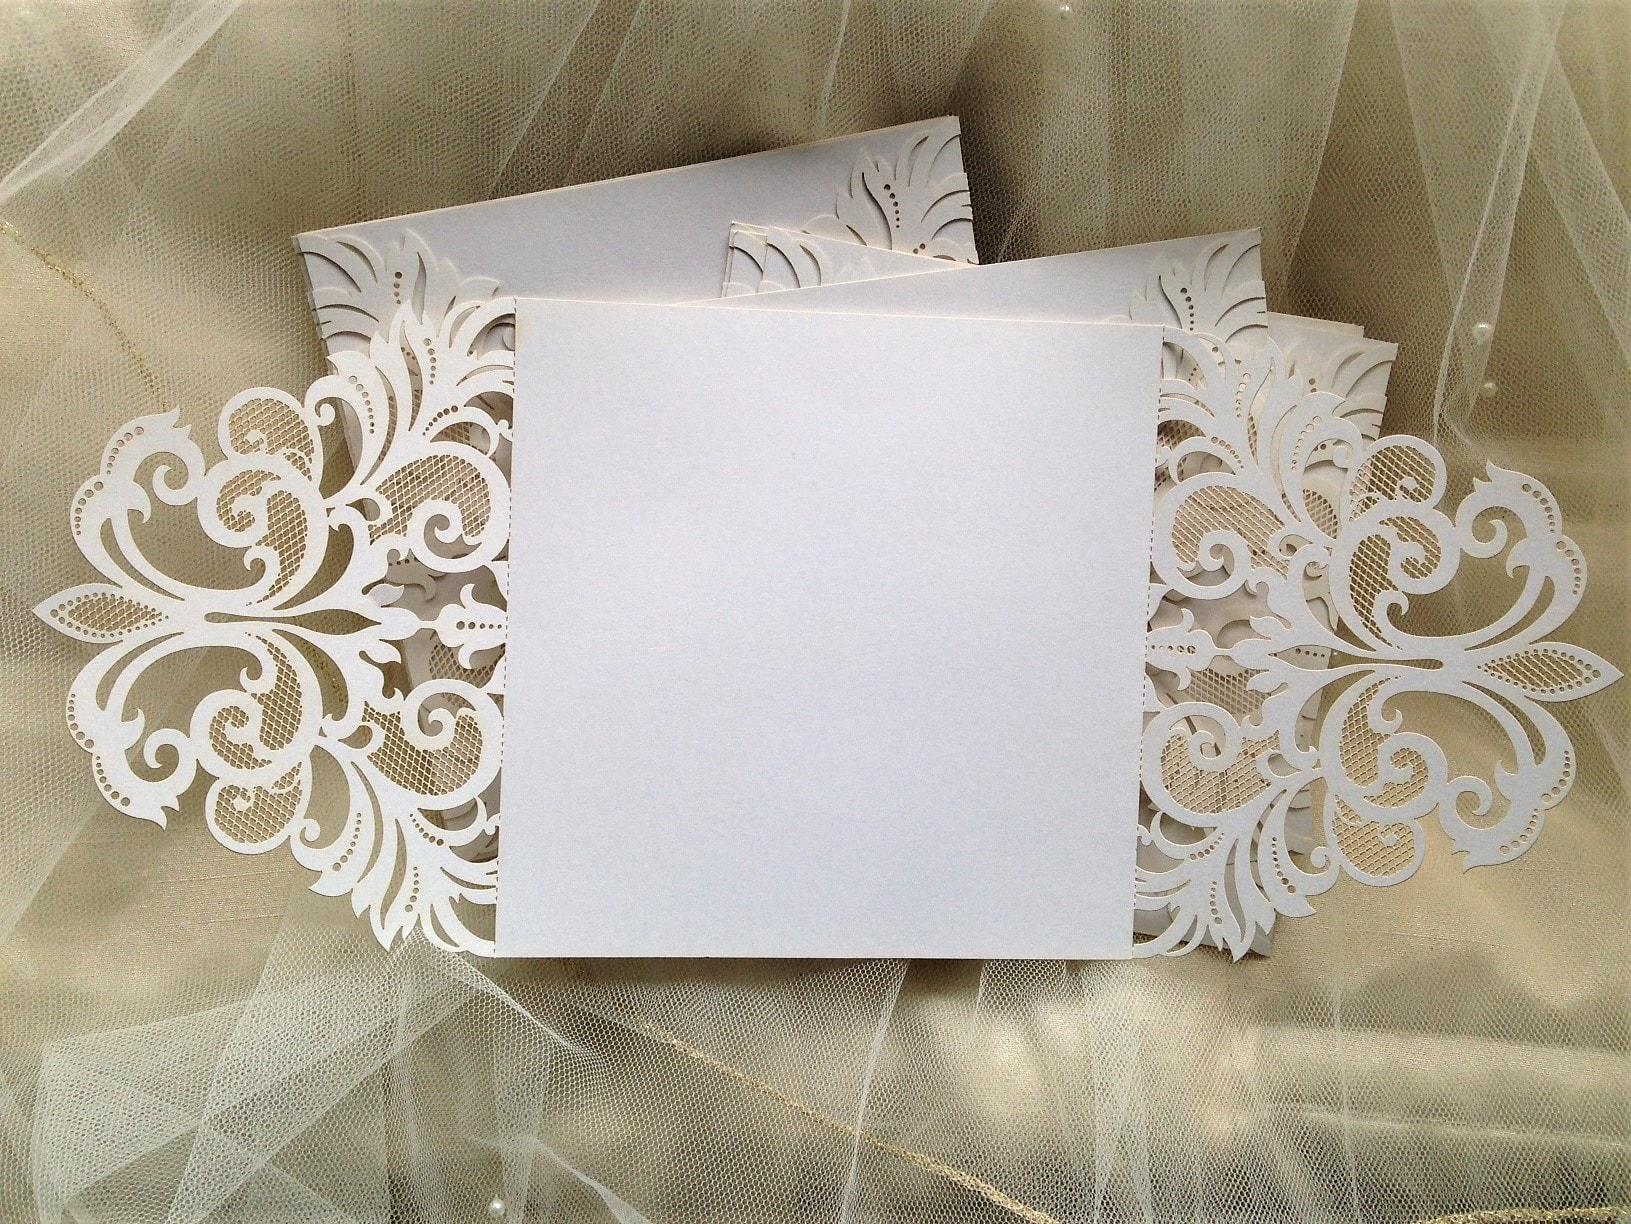 Laser Cut Wedding Invites: DIY Laser Cut Wedding Invitations £1 Each